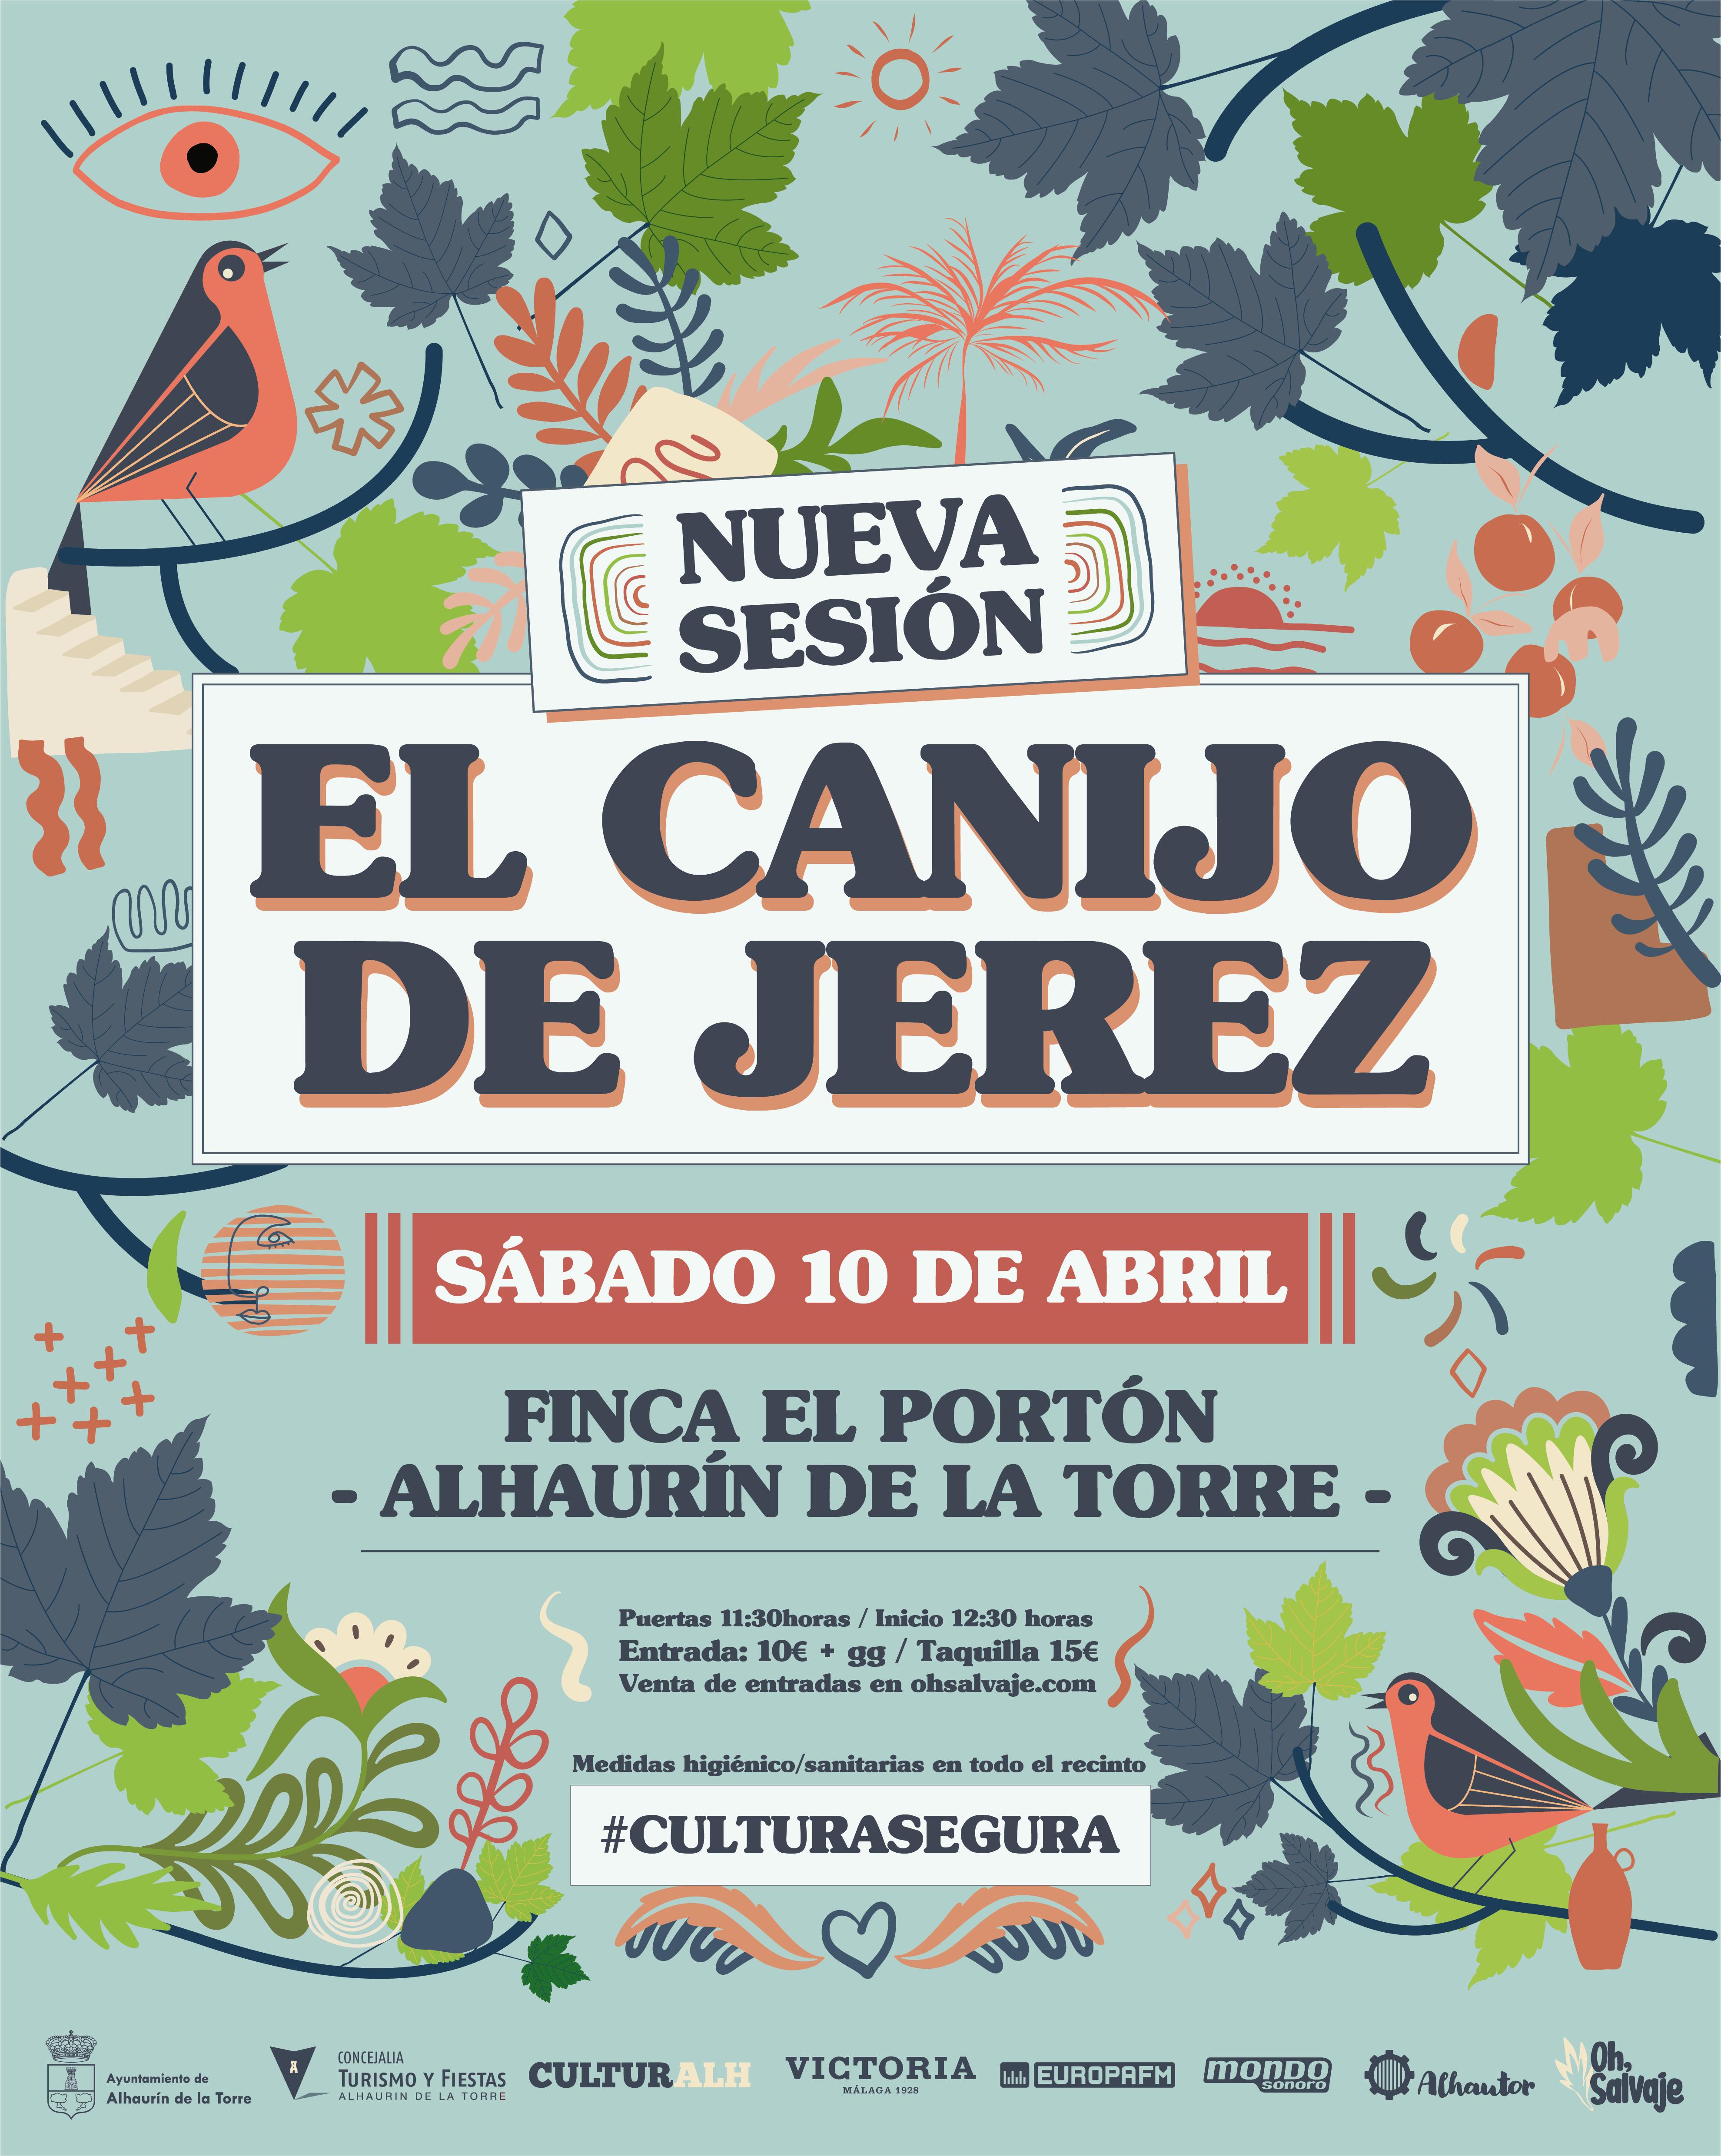 El Canijo de Jerez Nueva sesion Alhaurin Oh Salvaje